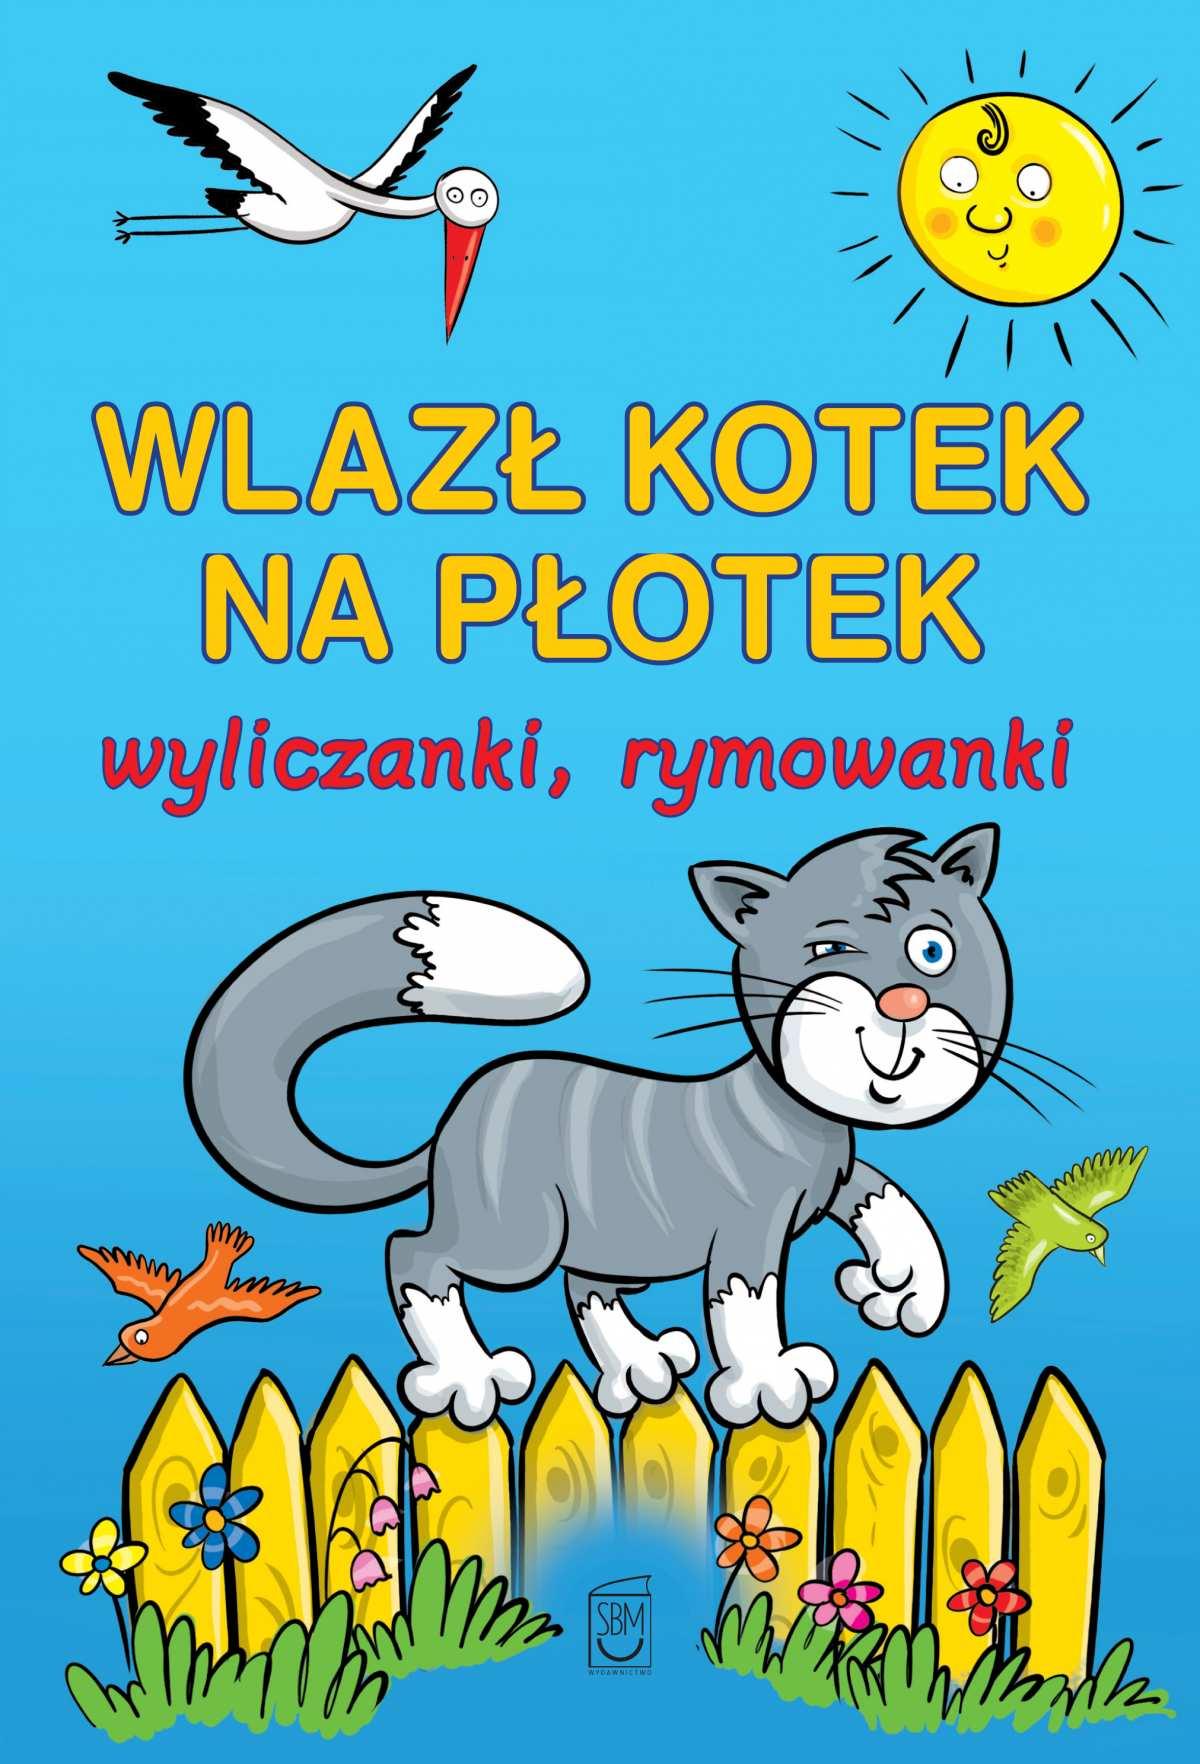 Wlazł kotek na płotek. Wyliczanki, rymowanki - Ebook (Książka na Kindle) do pobrania w formacie MOBI